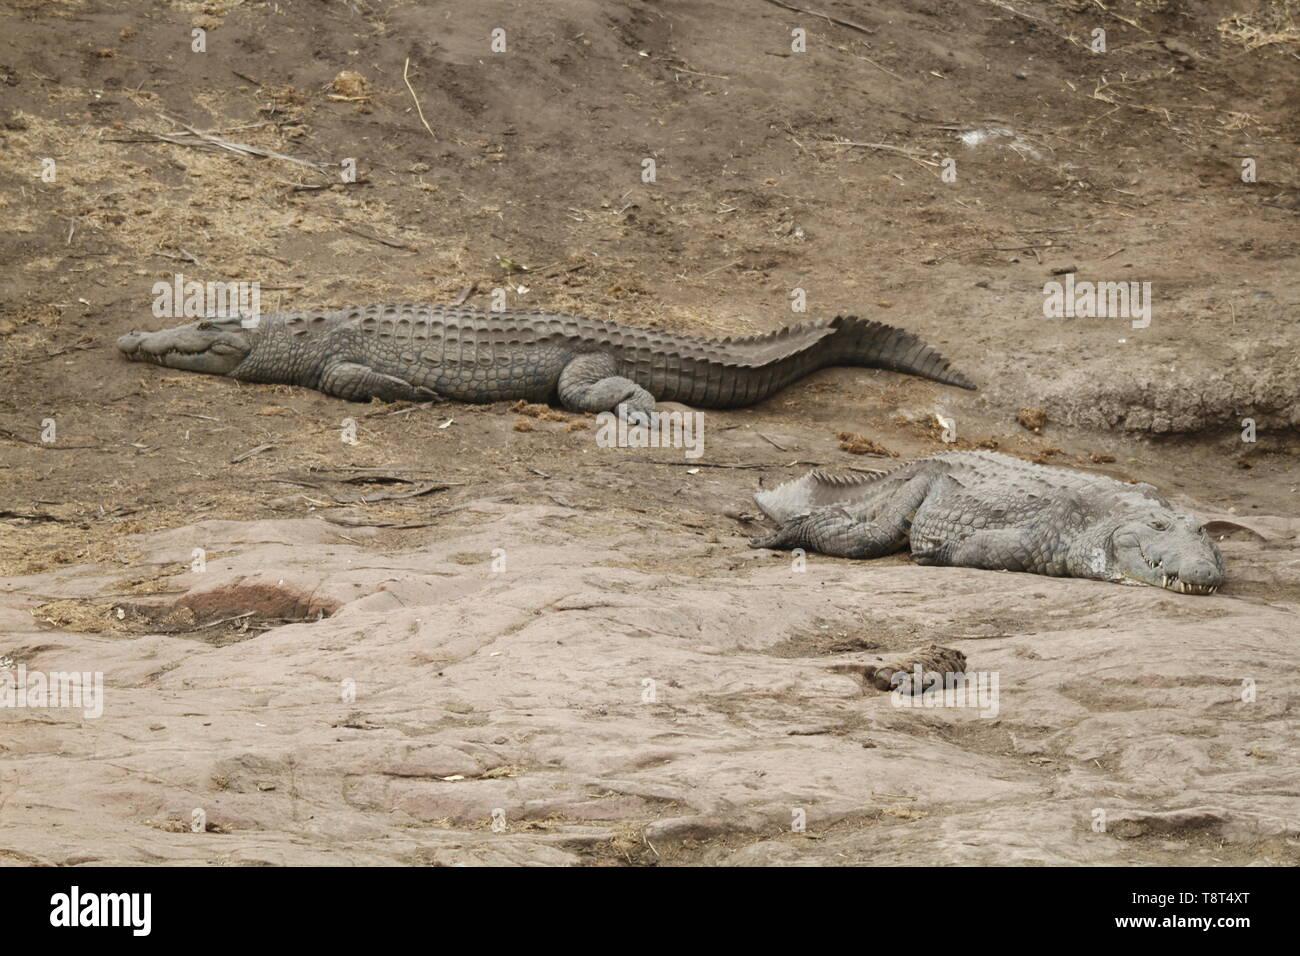 huge Nile crocodiles on a river bank - Stock Image